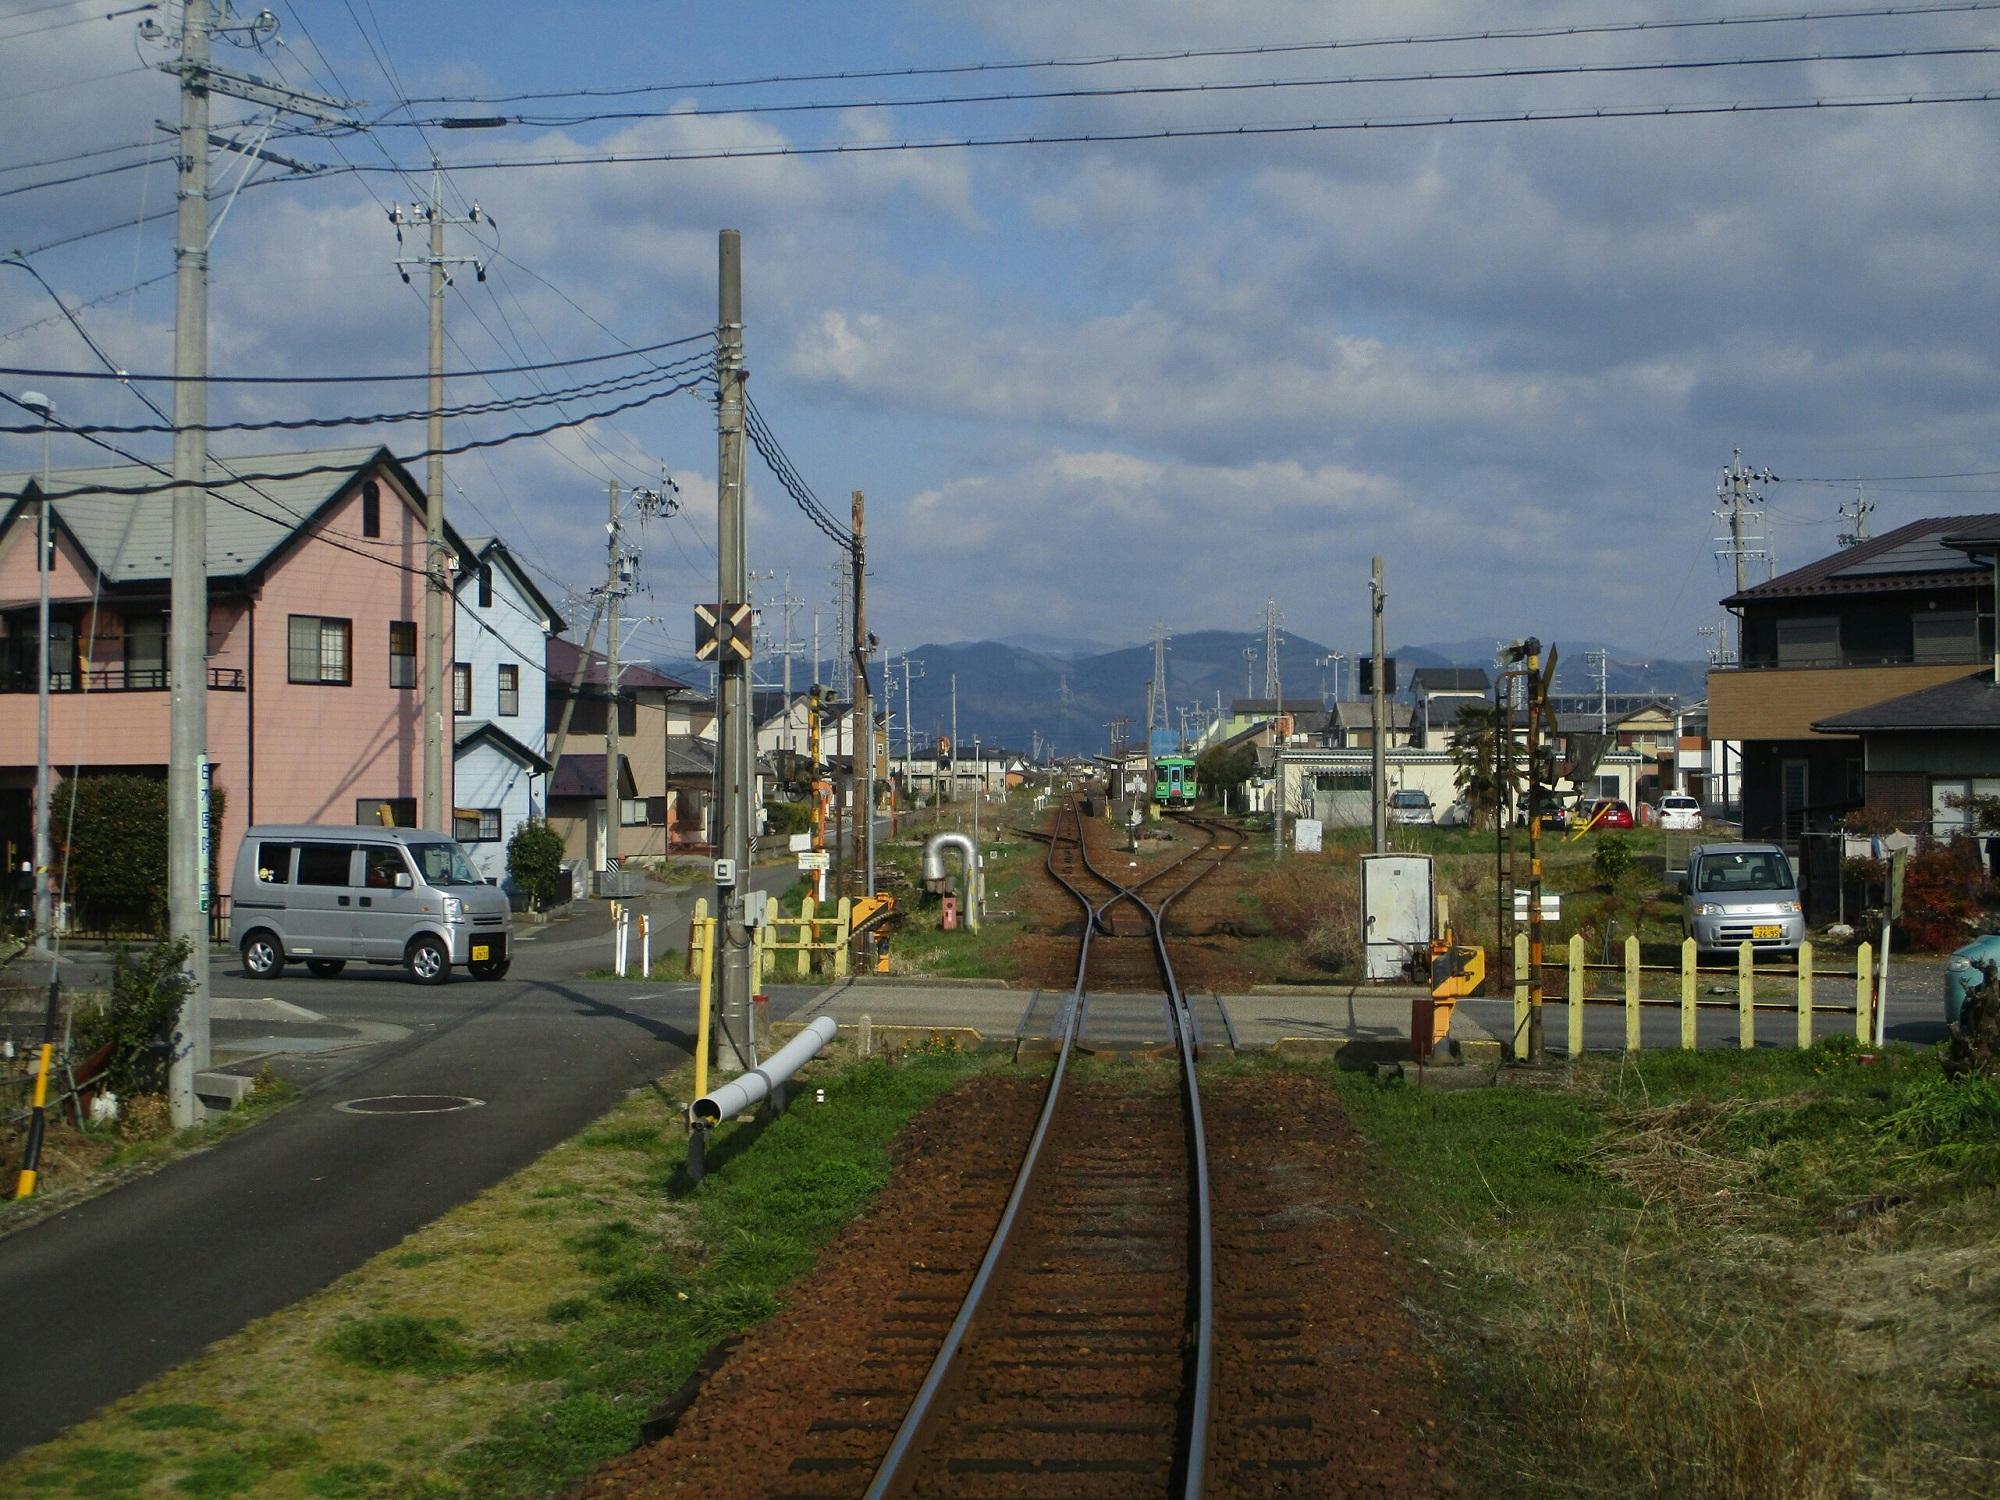 2019.3.1 (38) 樽見いきふつう - 北方真桑 2000-1500